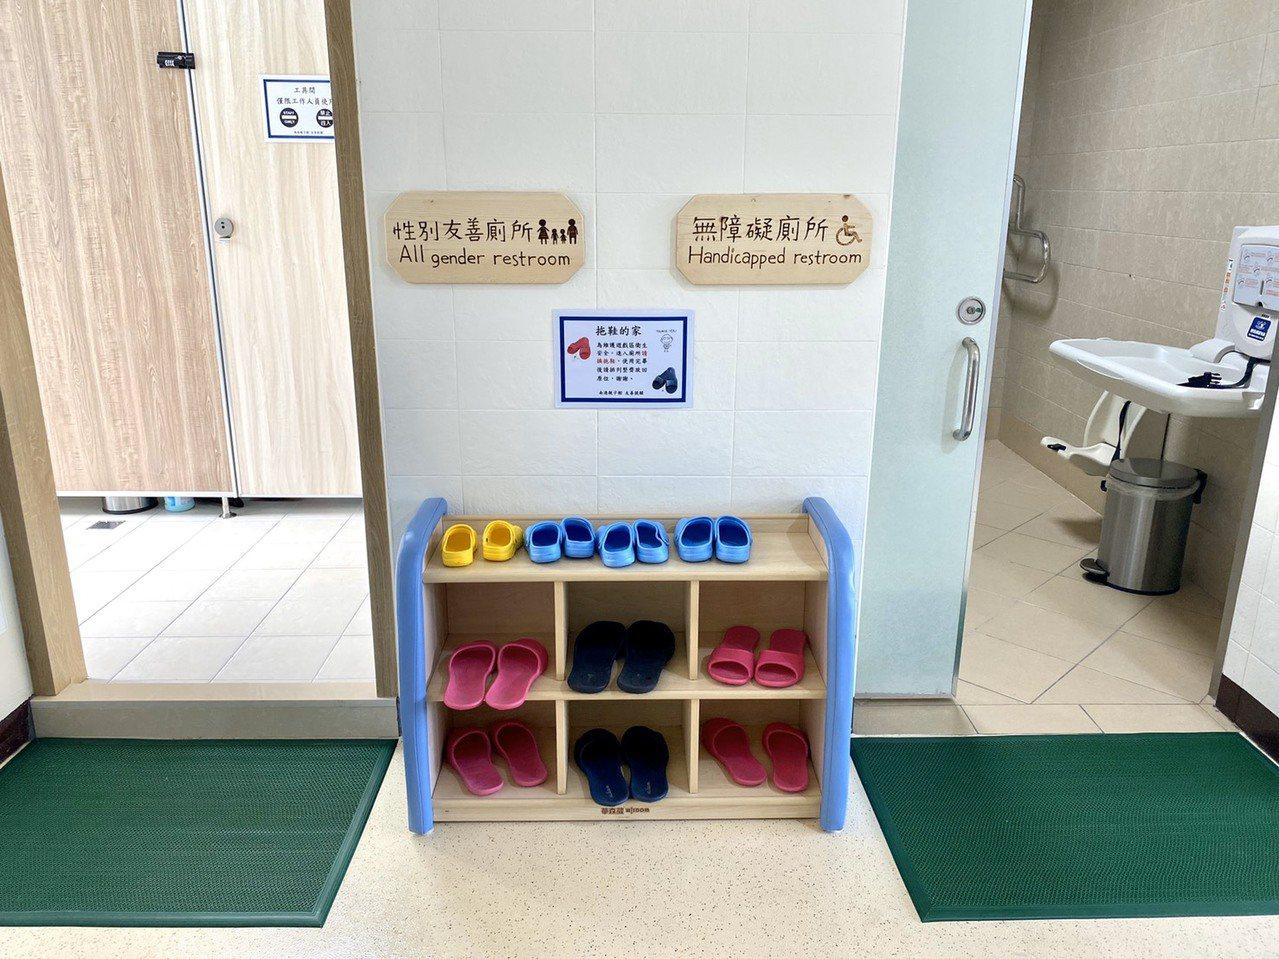 無障礙廁所。記者魏莨伊/攝影